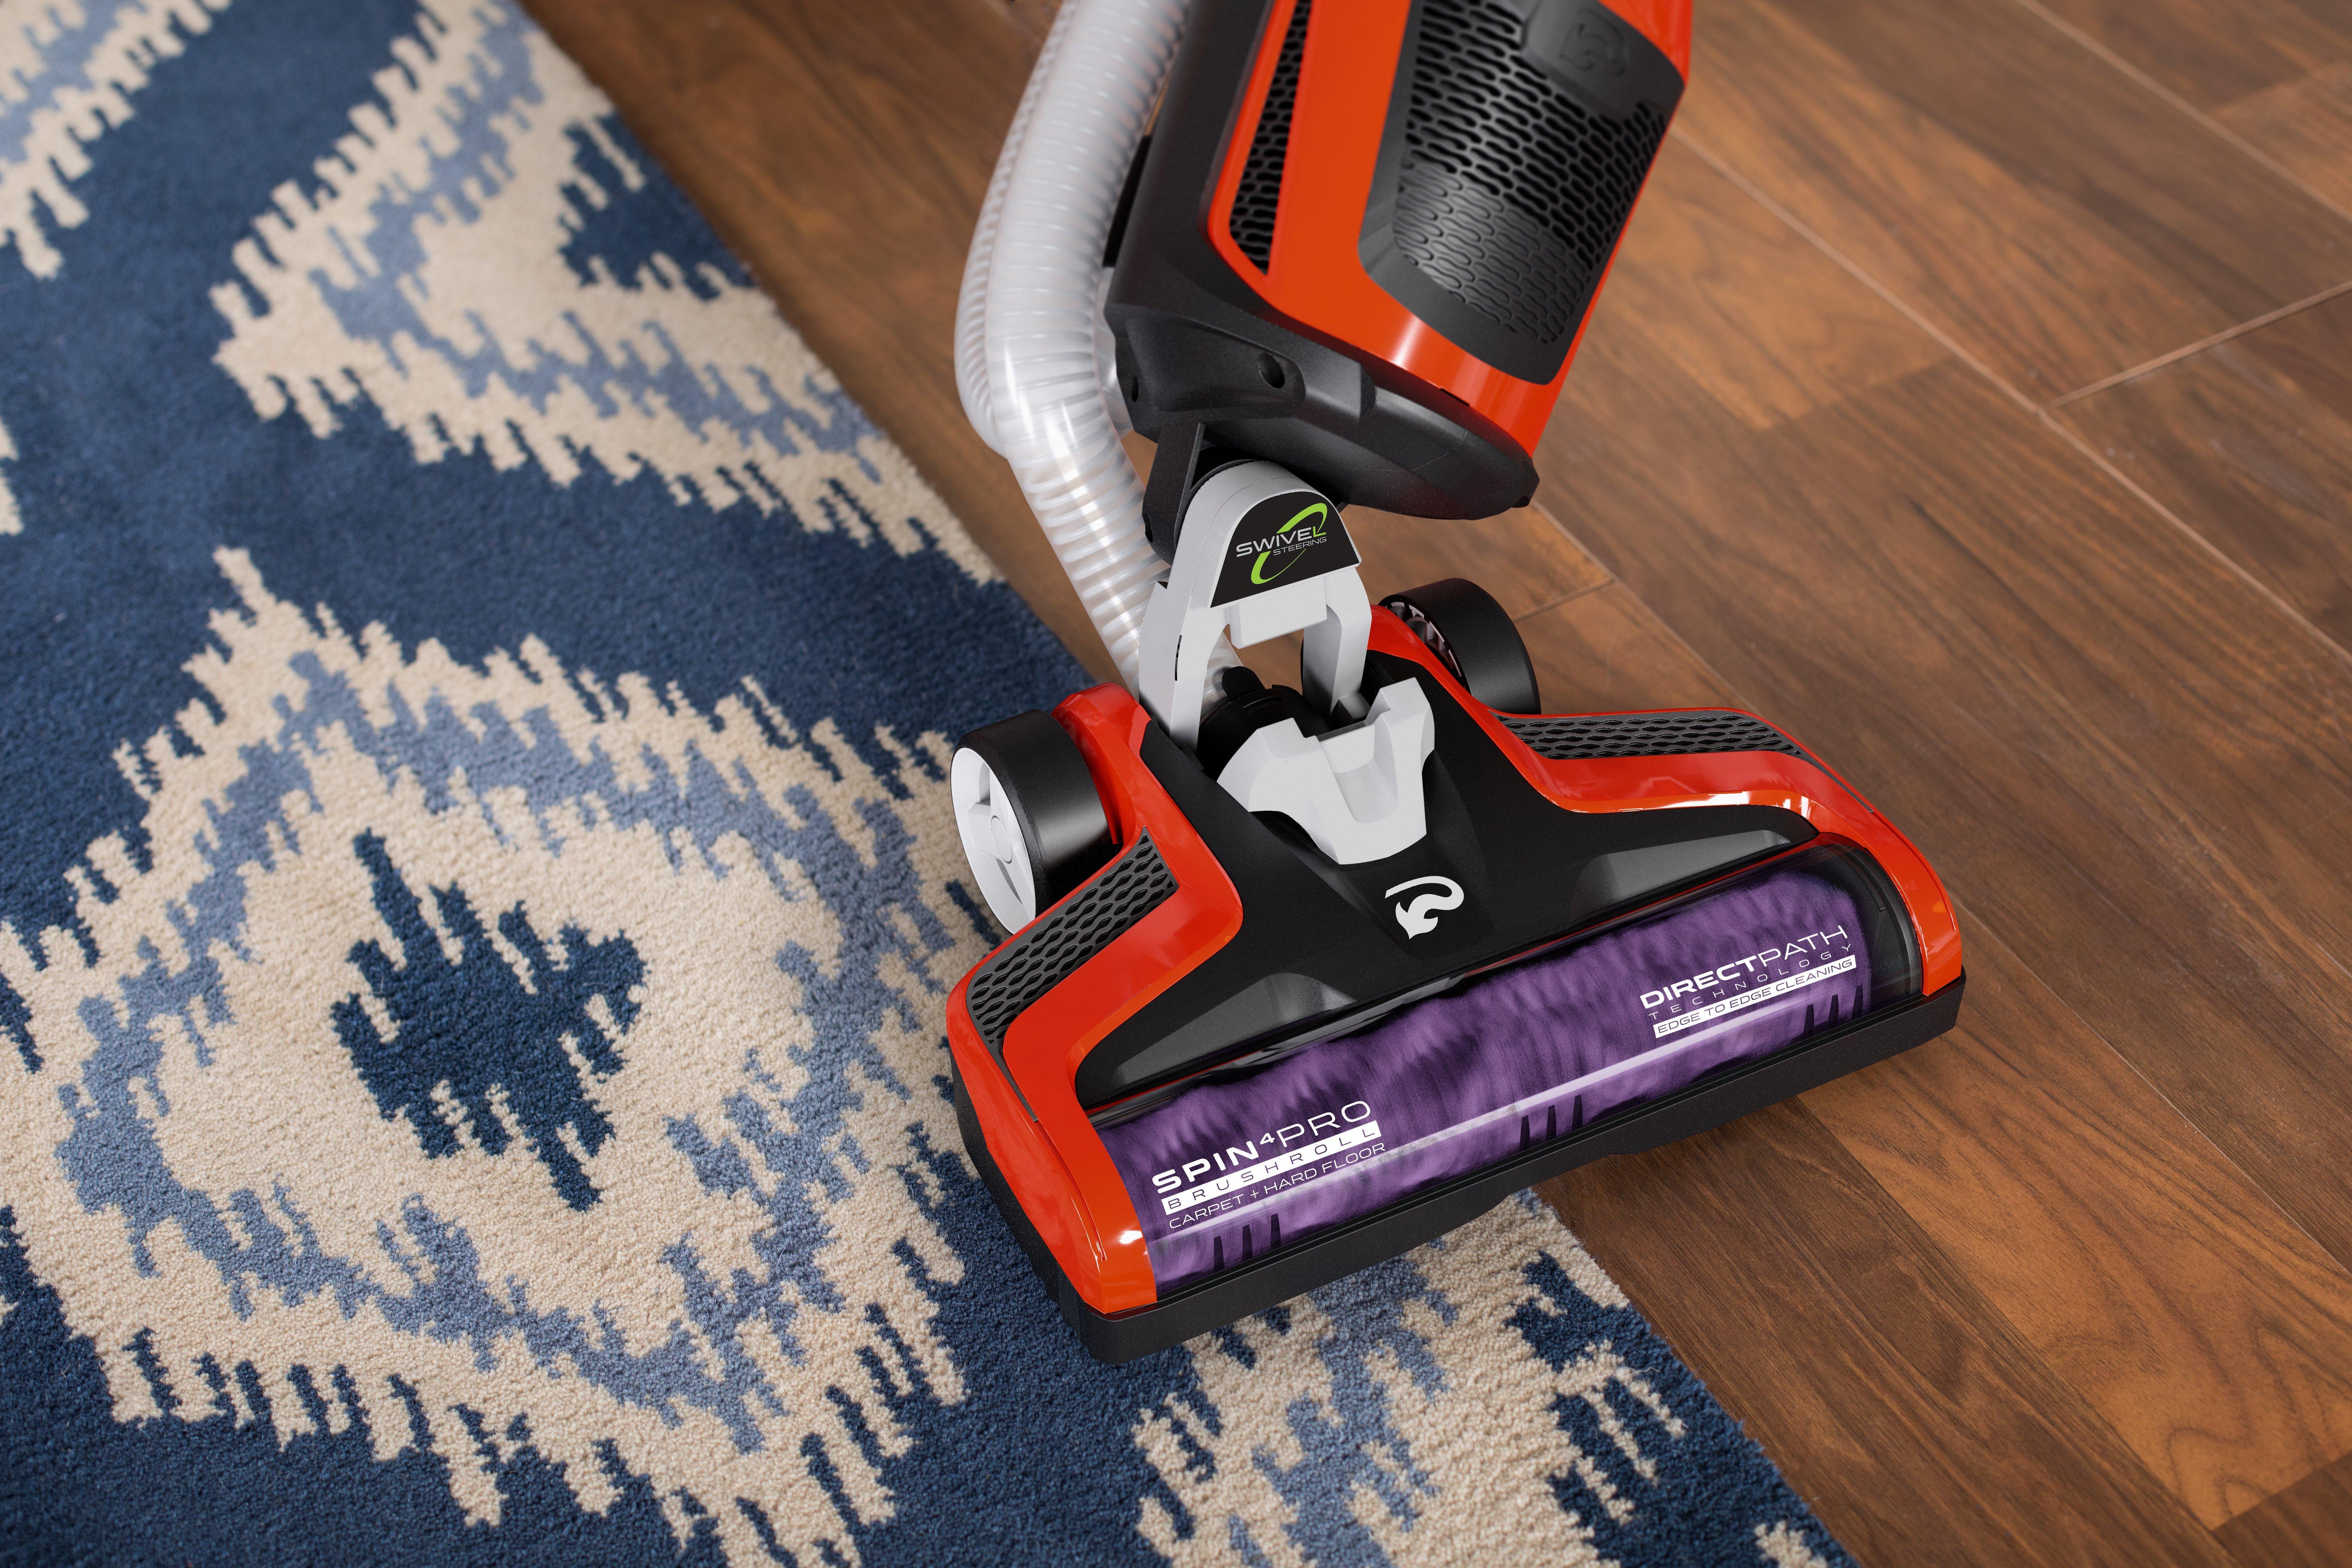 Razor Pet Upright Vacuum4